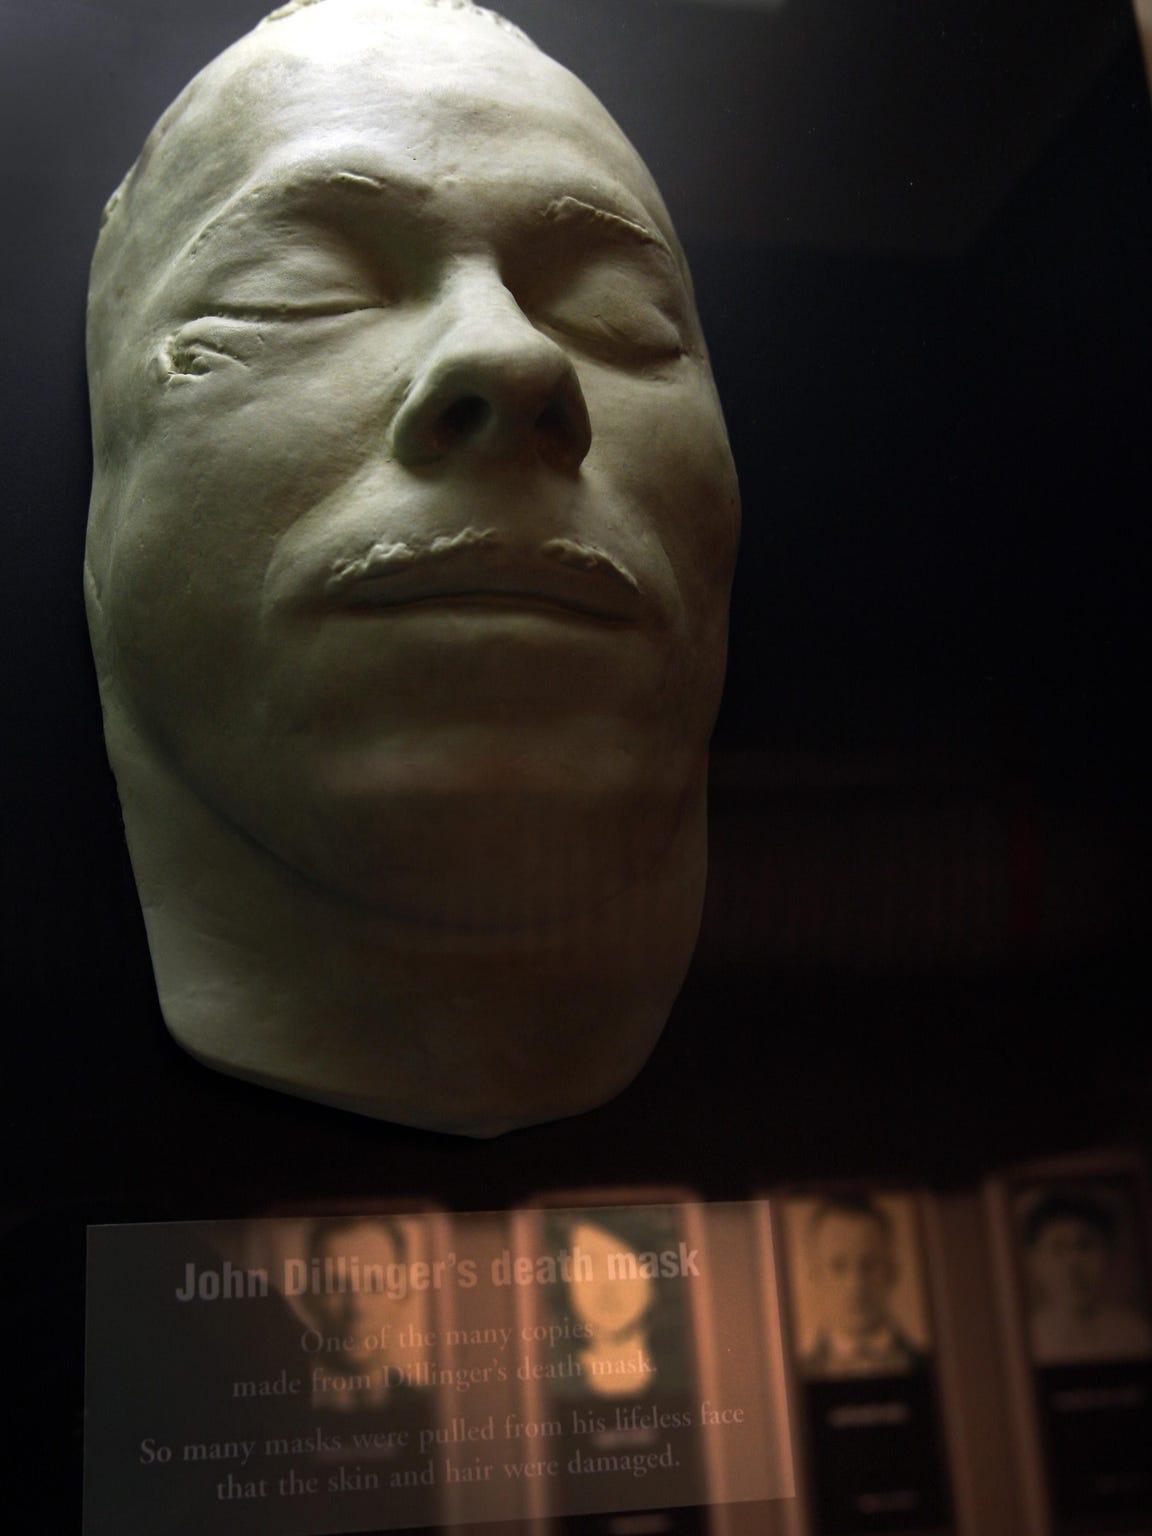 John Dillinger death mask.